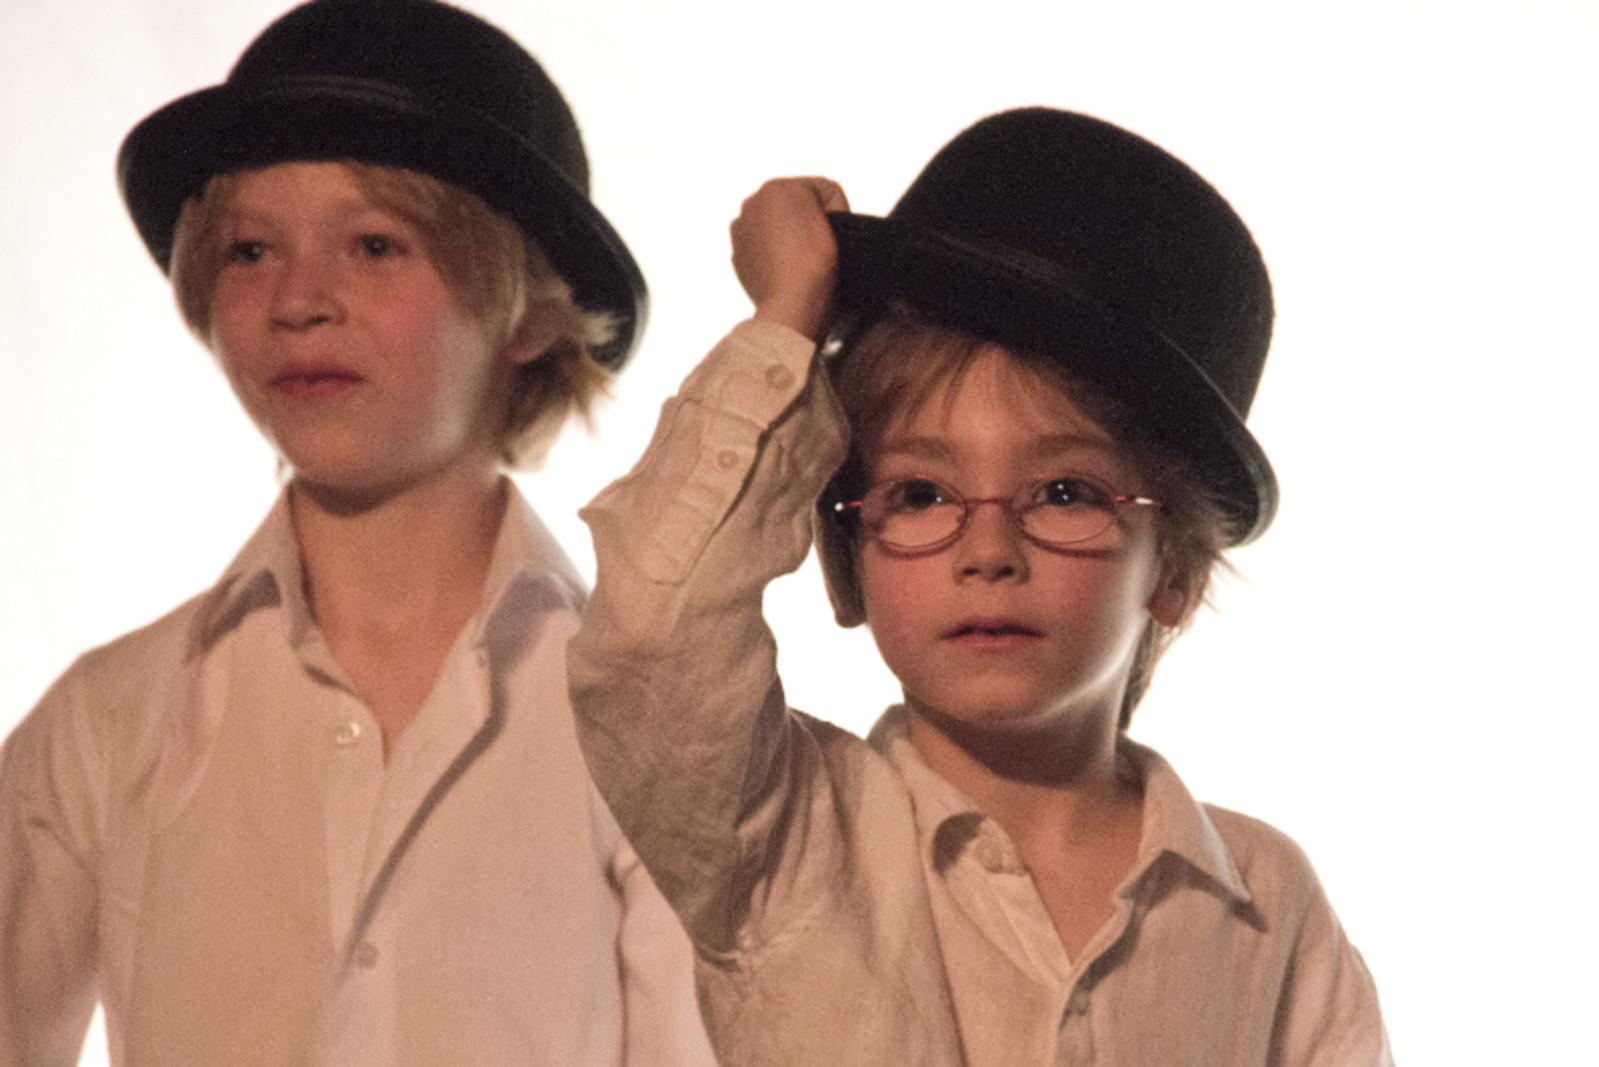 Ateliers comédie musicale jeunesse - Les Inclassables